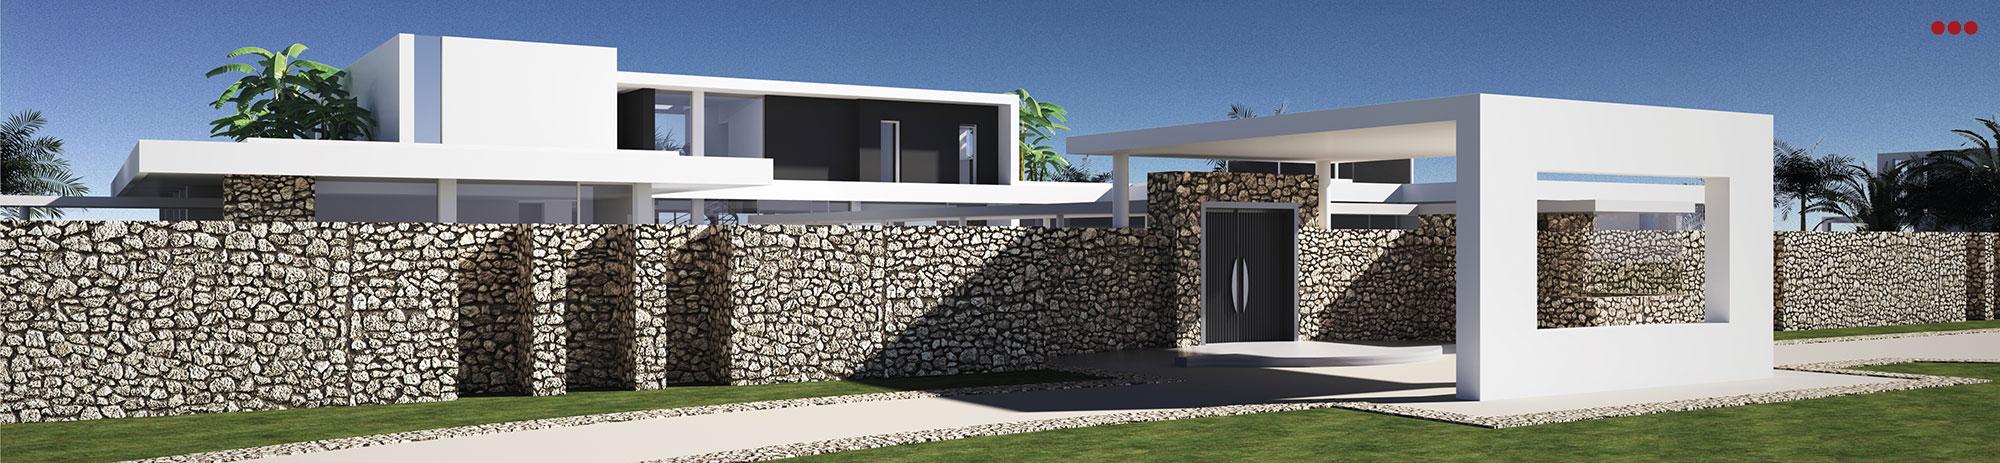 3D Studio Bartolini Villa Pemba progettazione rendering architettura grafica 2